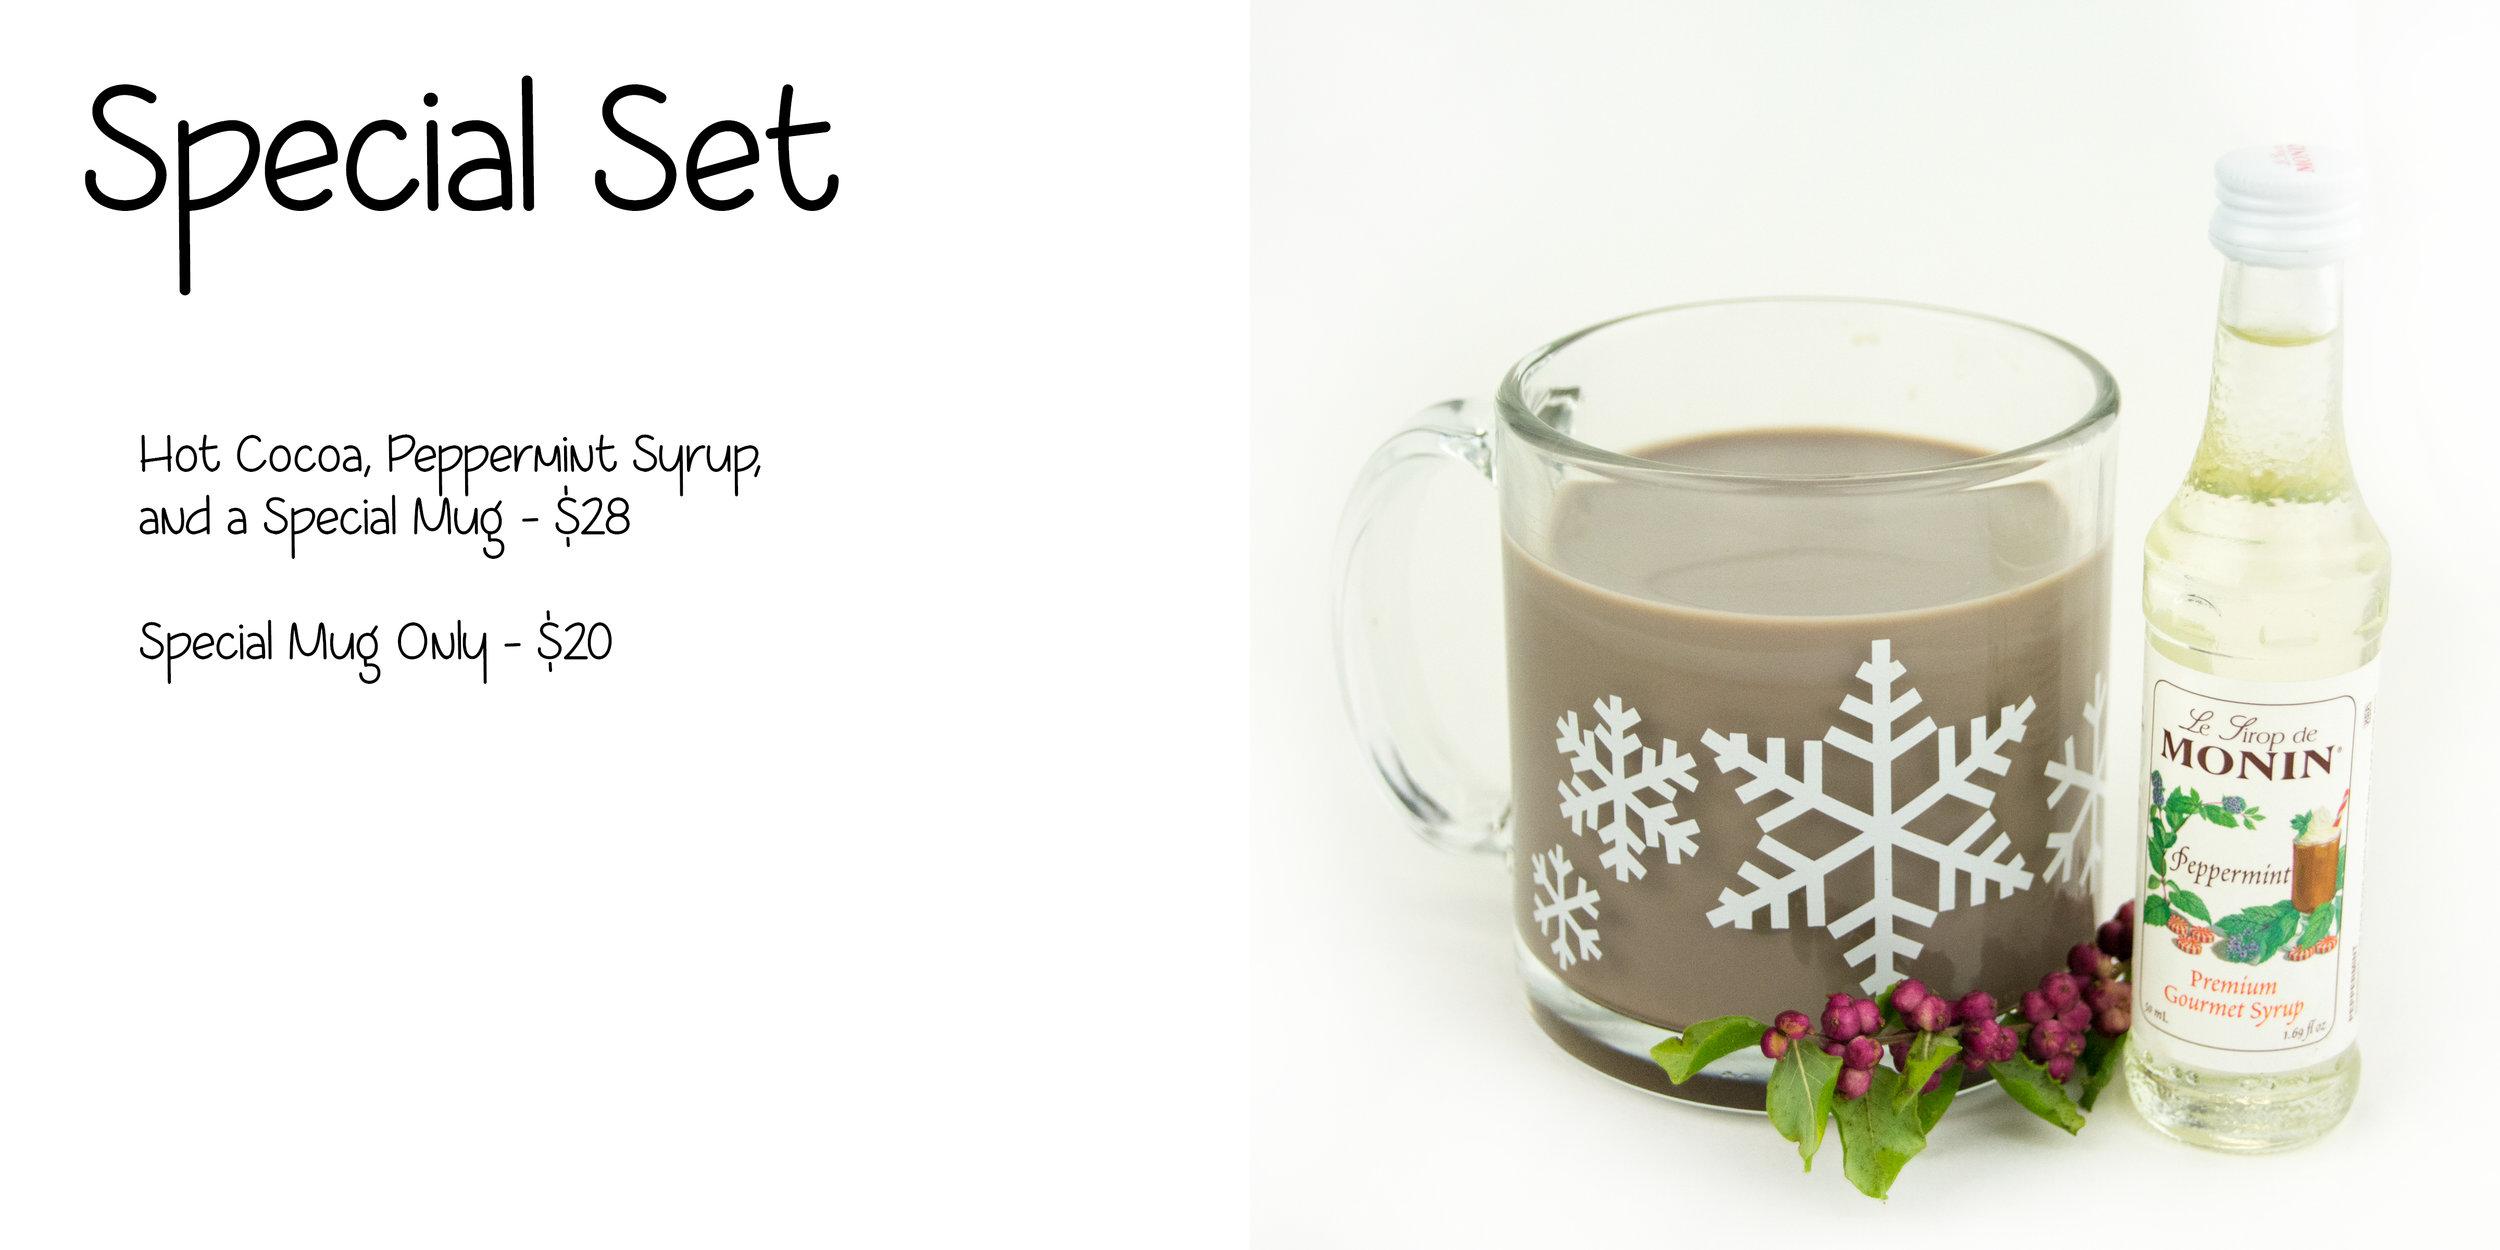 Springer_CoffeeCatalog8.jpg